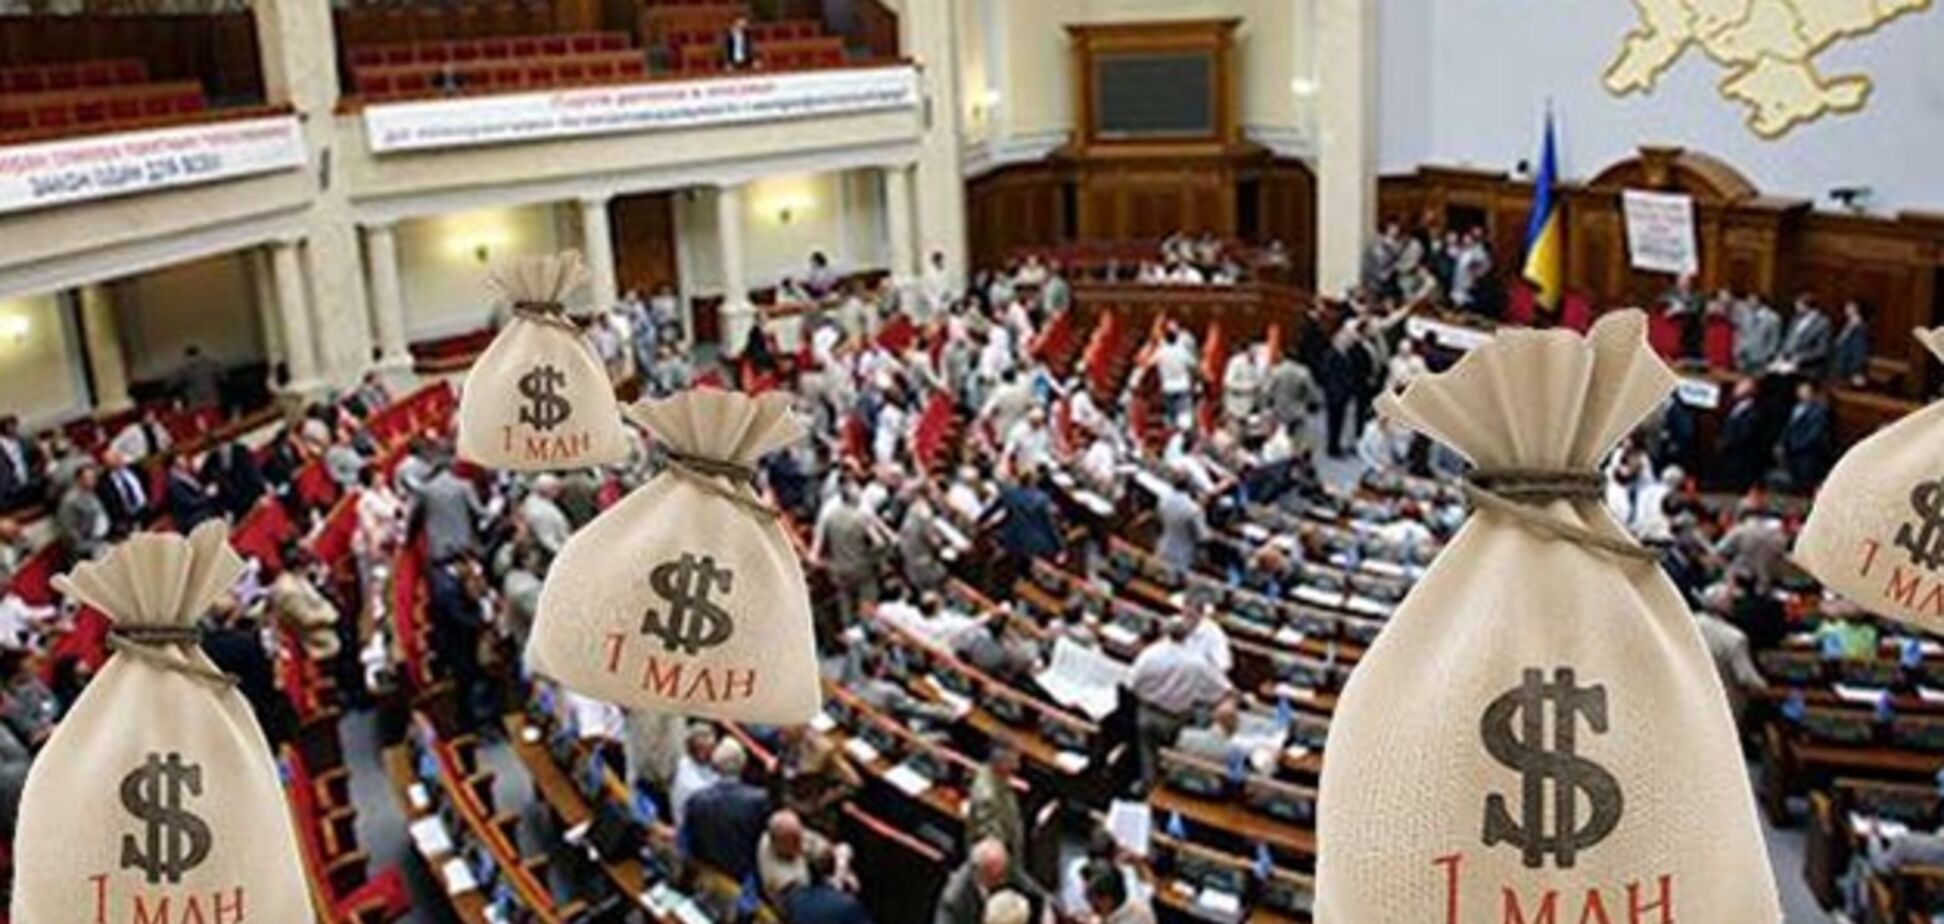 Депутати і чиновники, будьте солідарні - перейдіть на мінімалку на час карантину